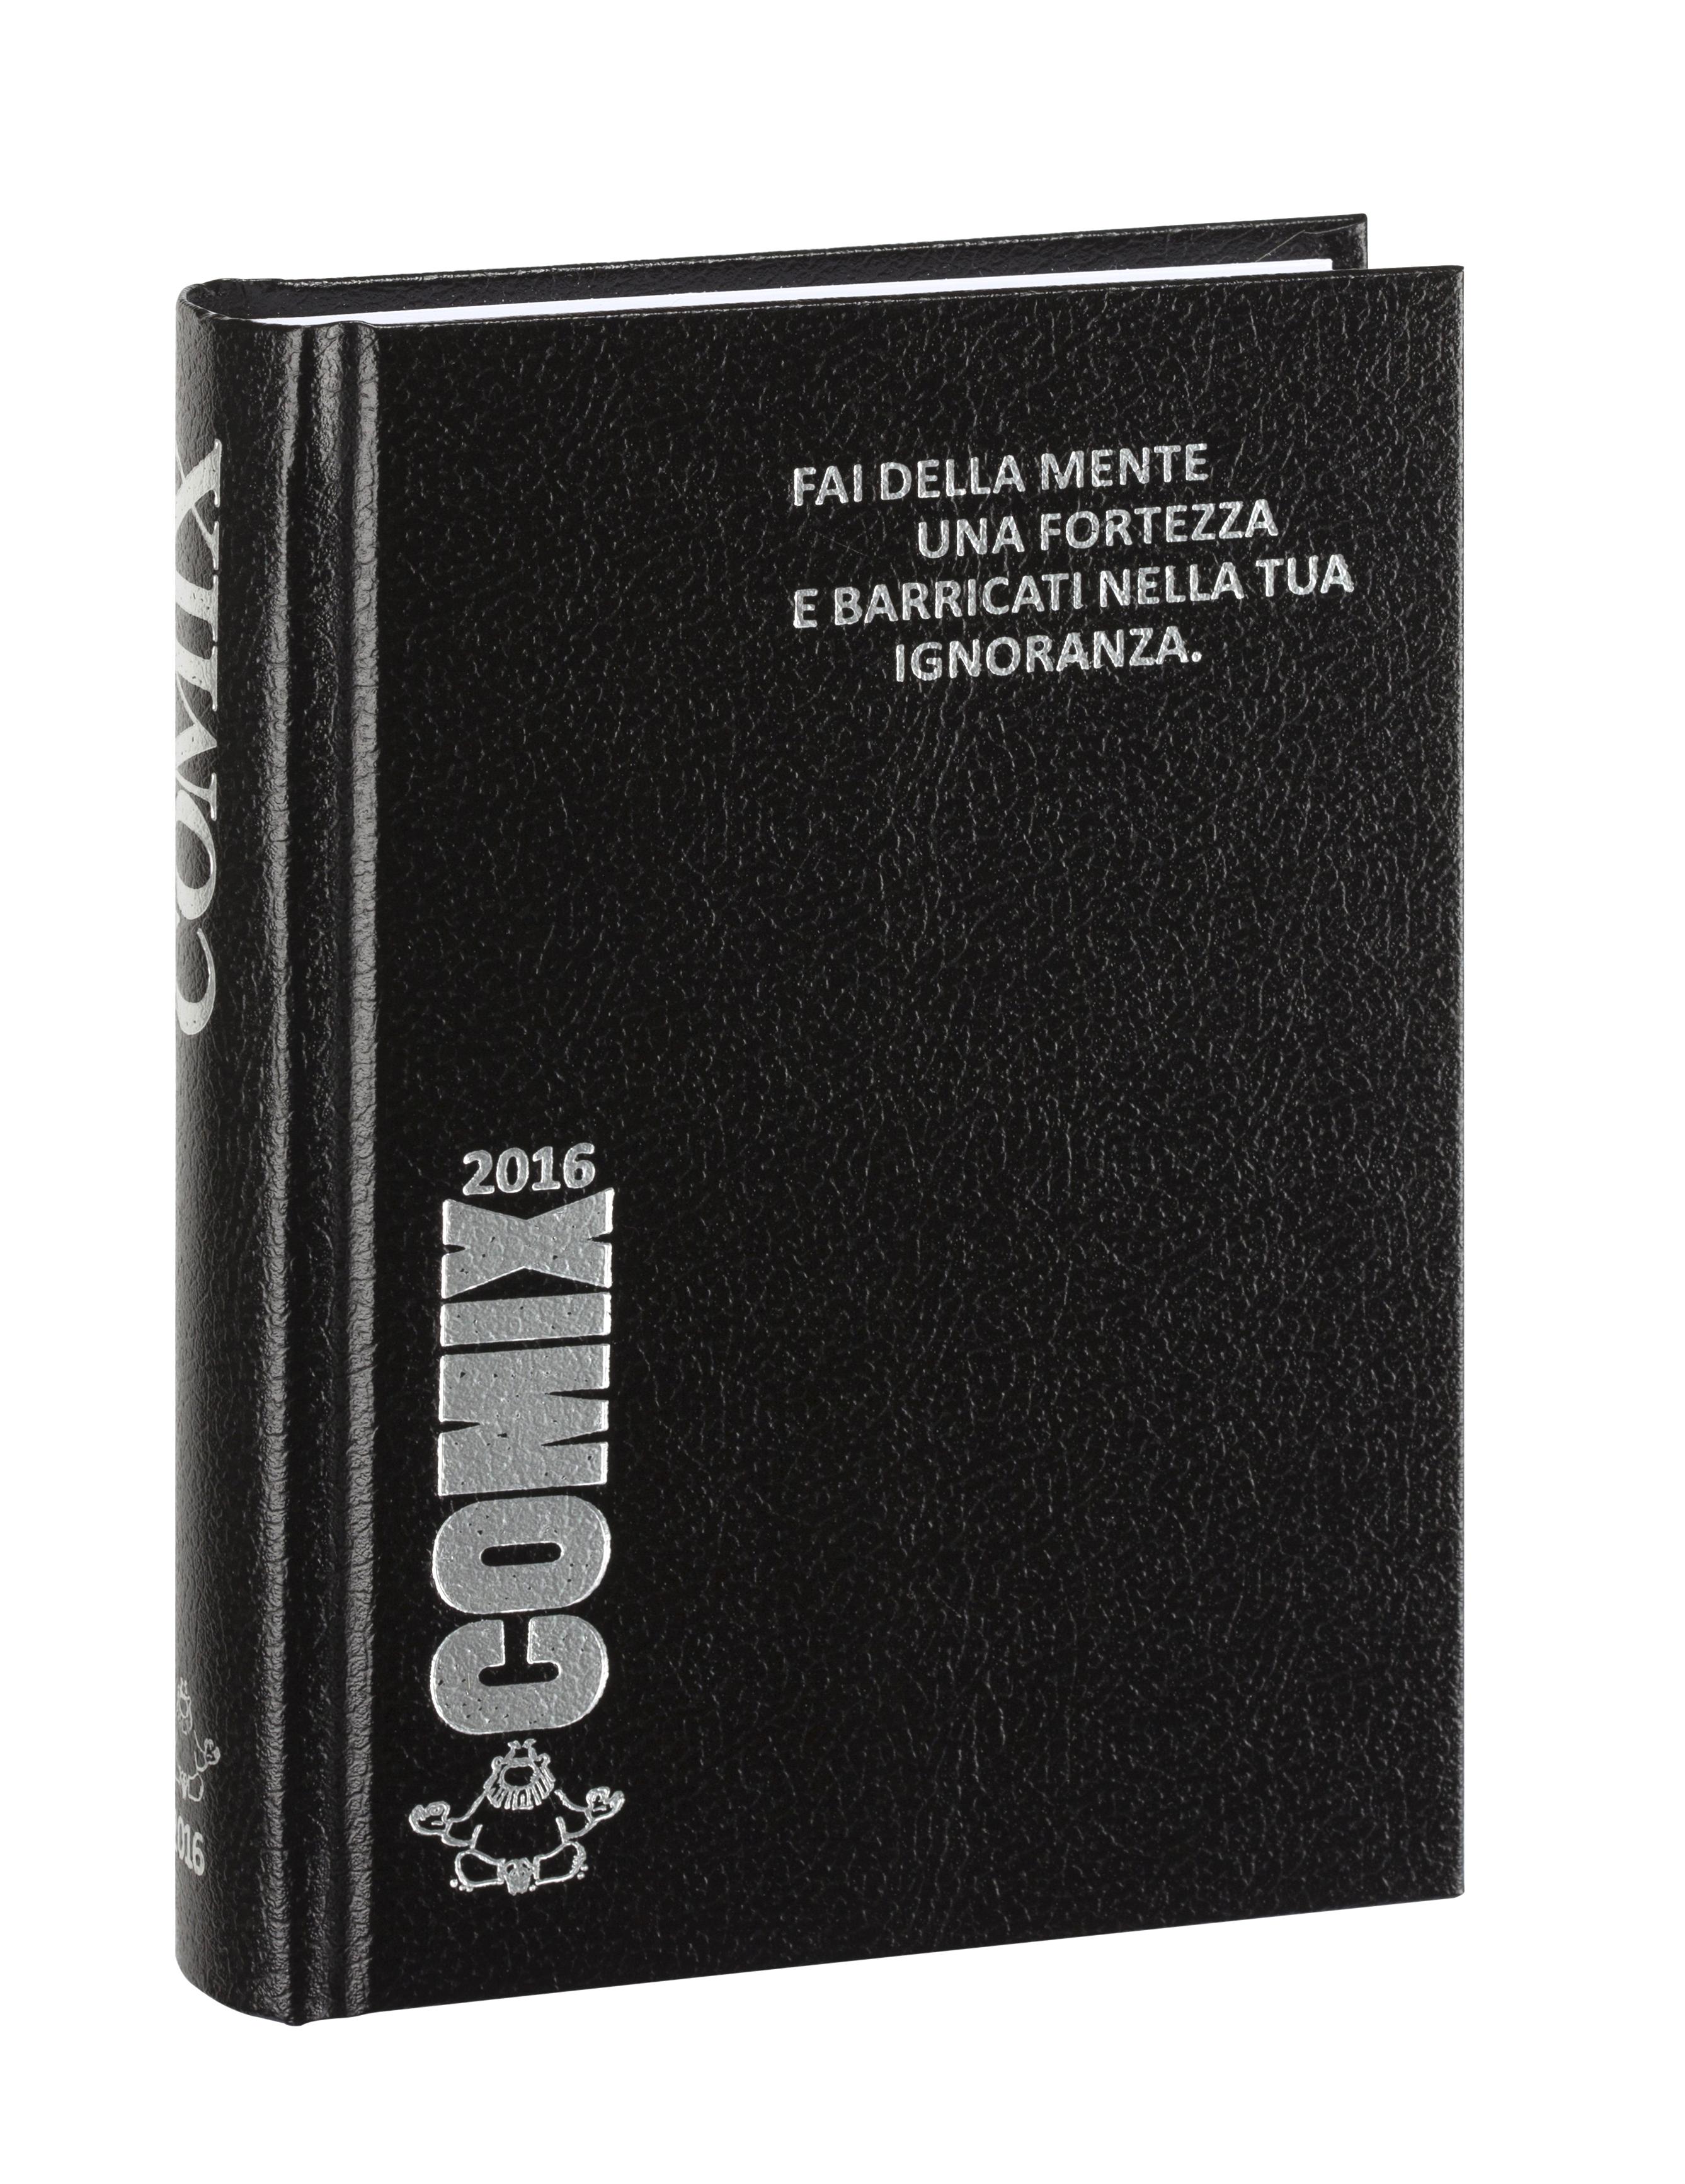 Comix-nero-con-scritte-argento